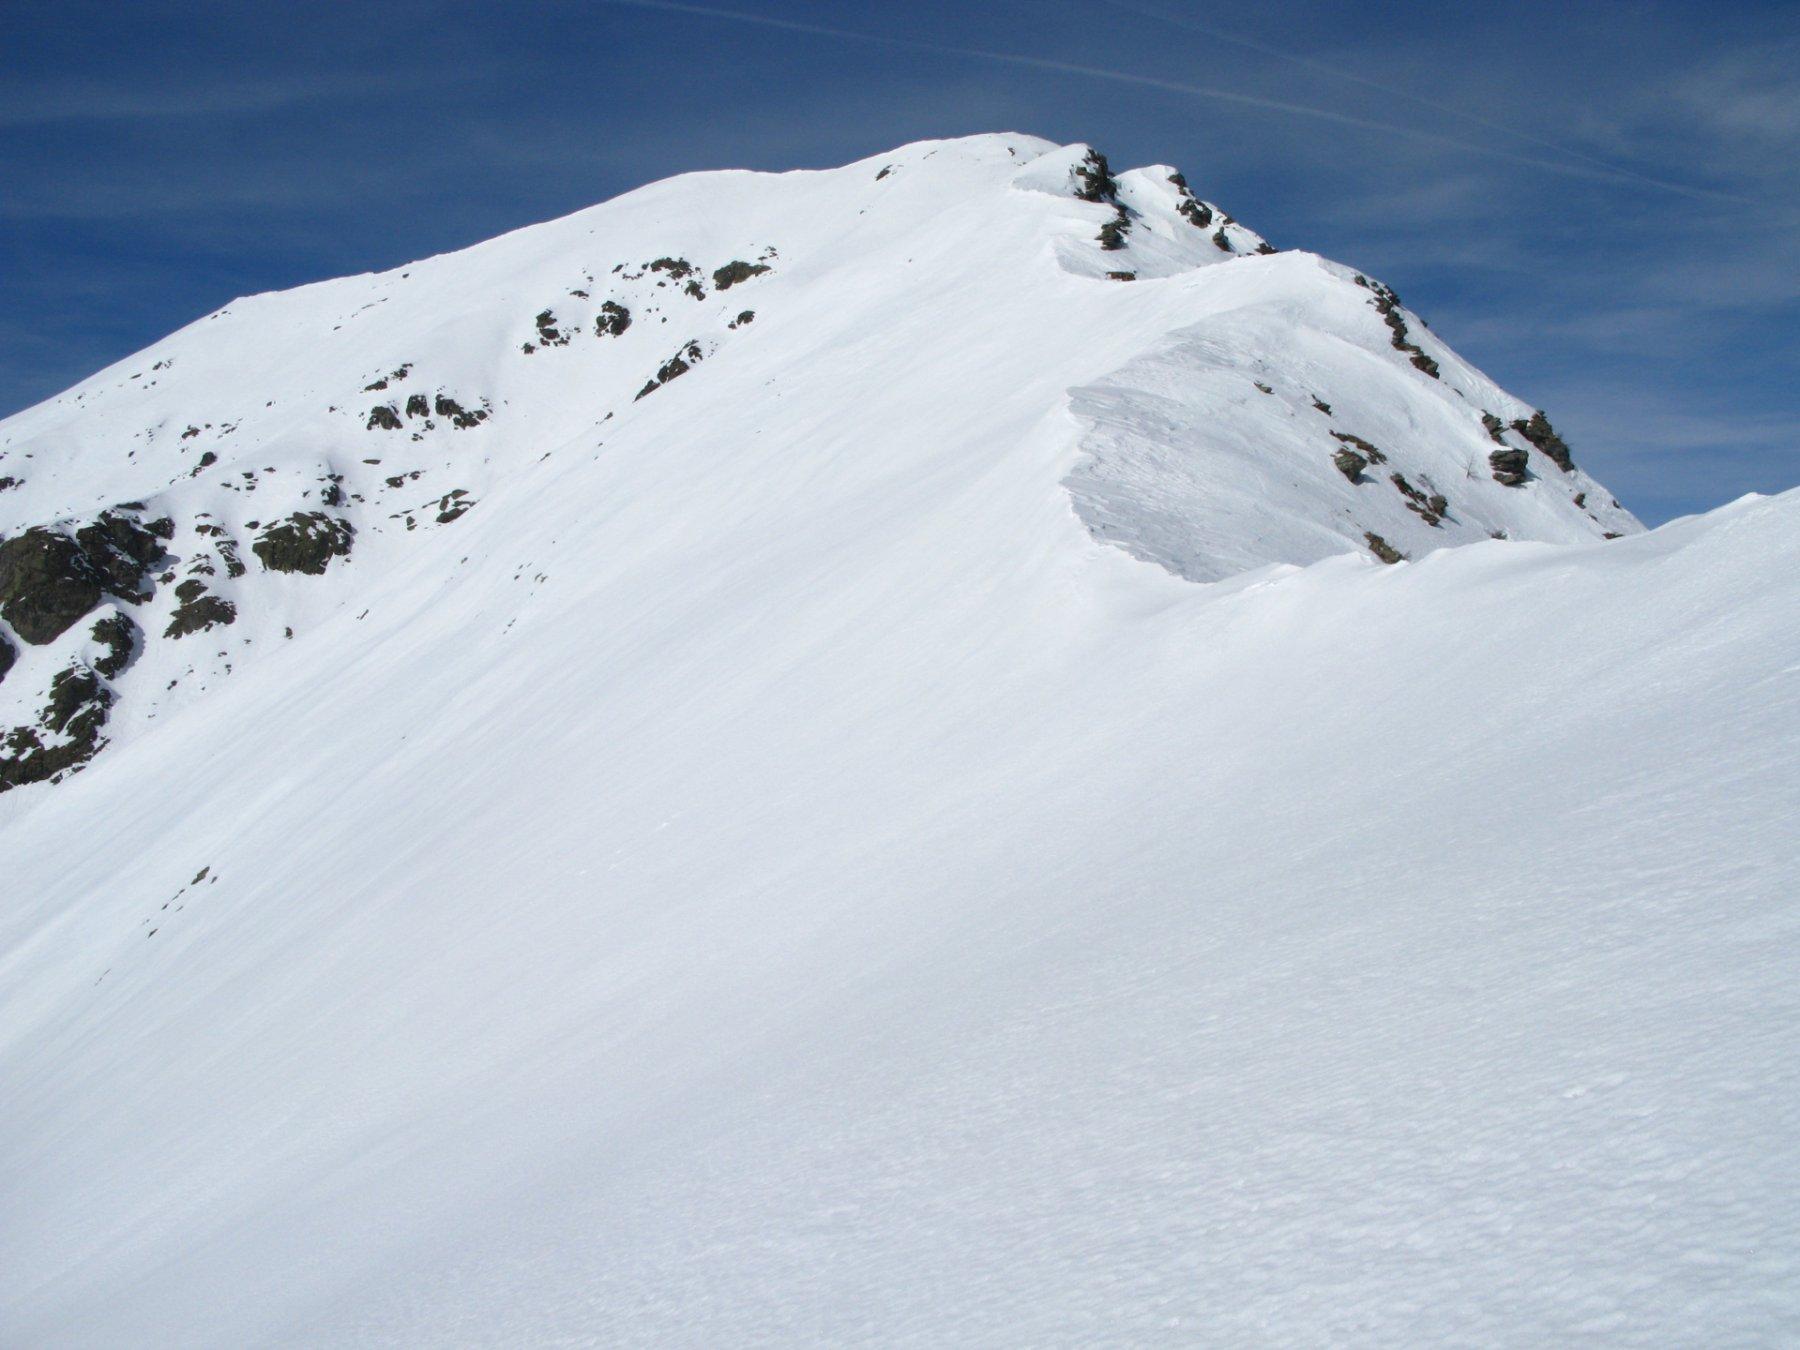 cresta Sud-Est del Monte Frioland vista dal Colle delle Porte